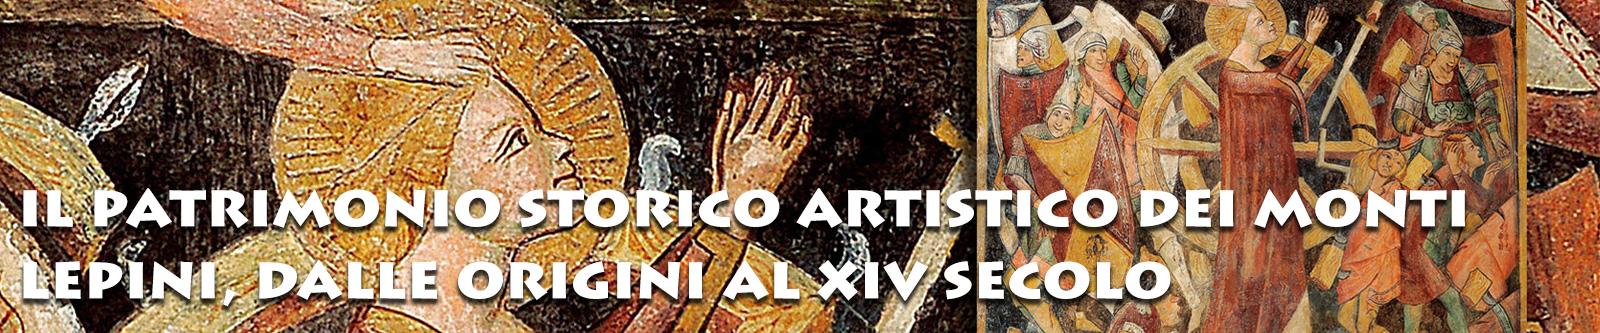 il-patrimonio-storico-artistico-1600x333